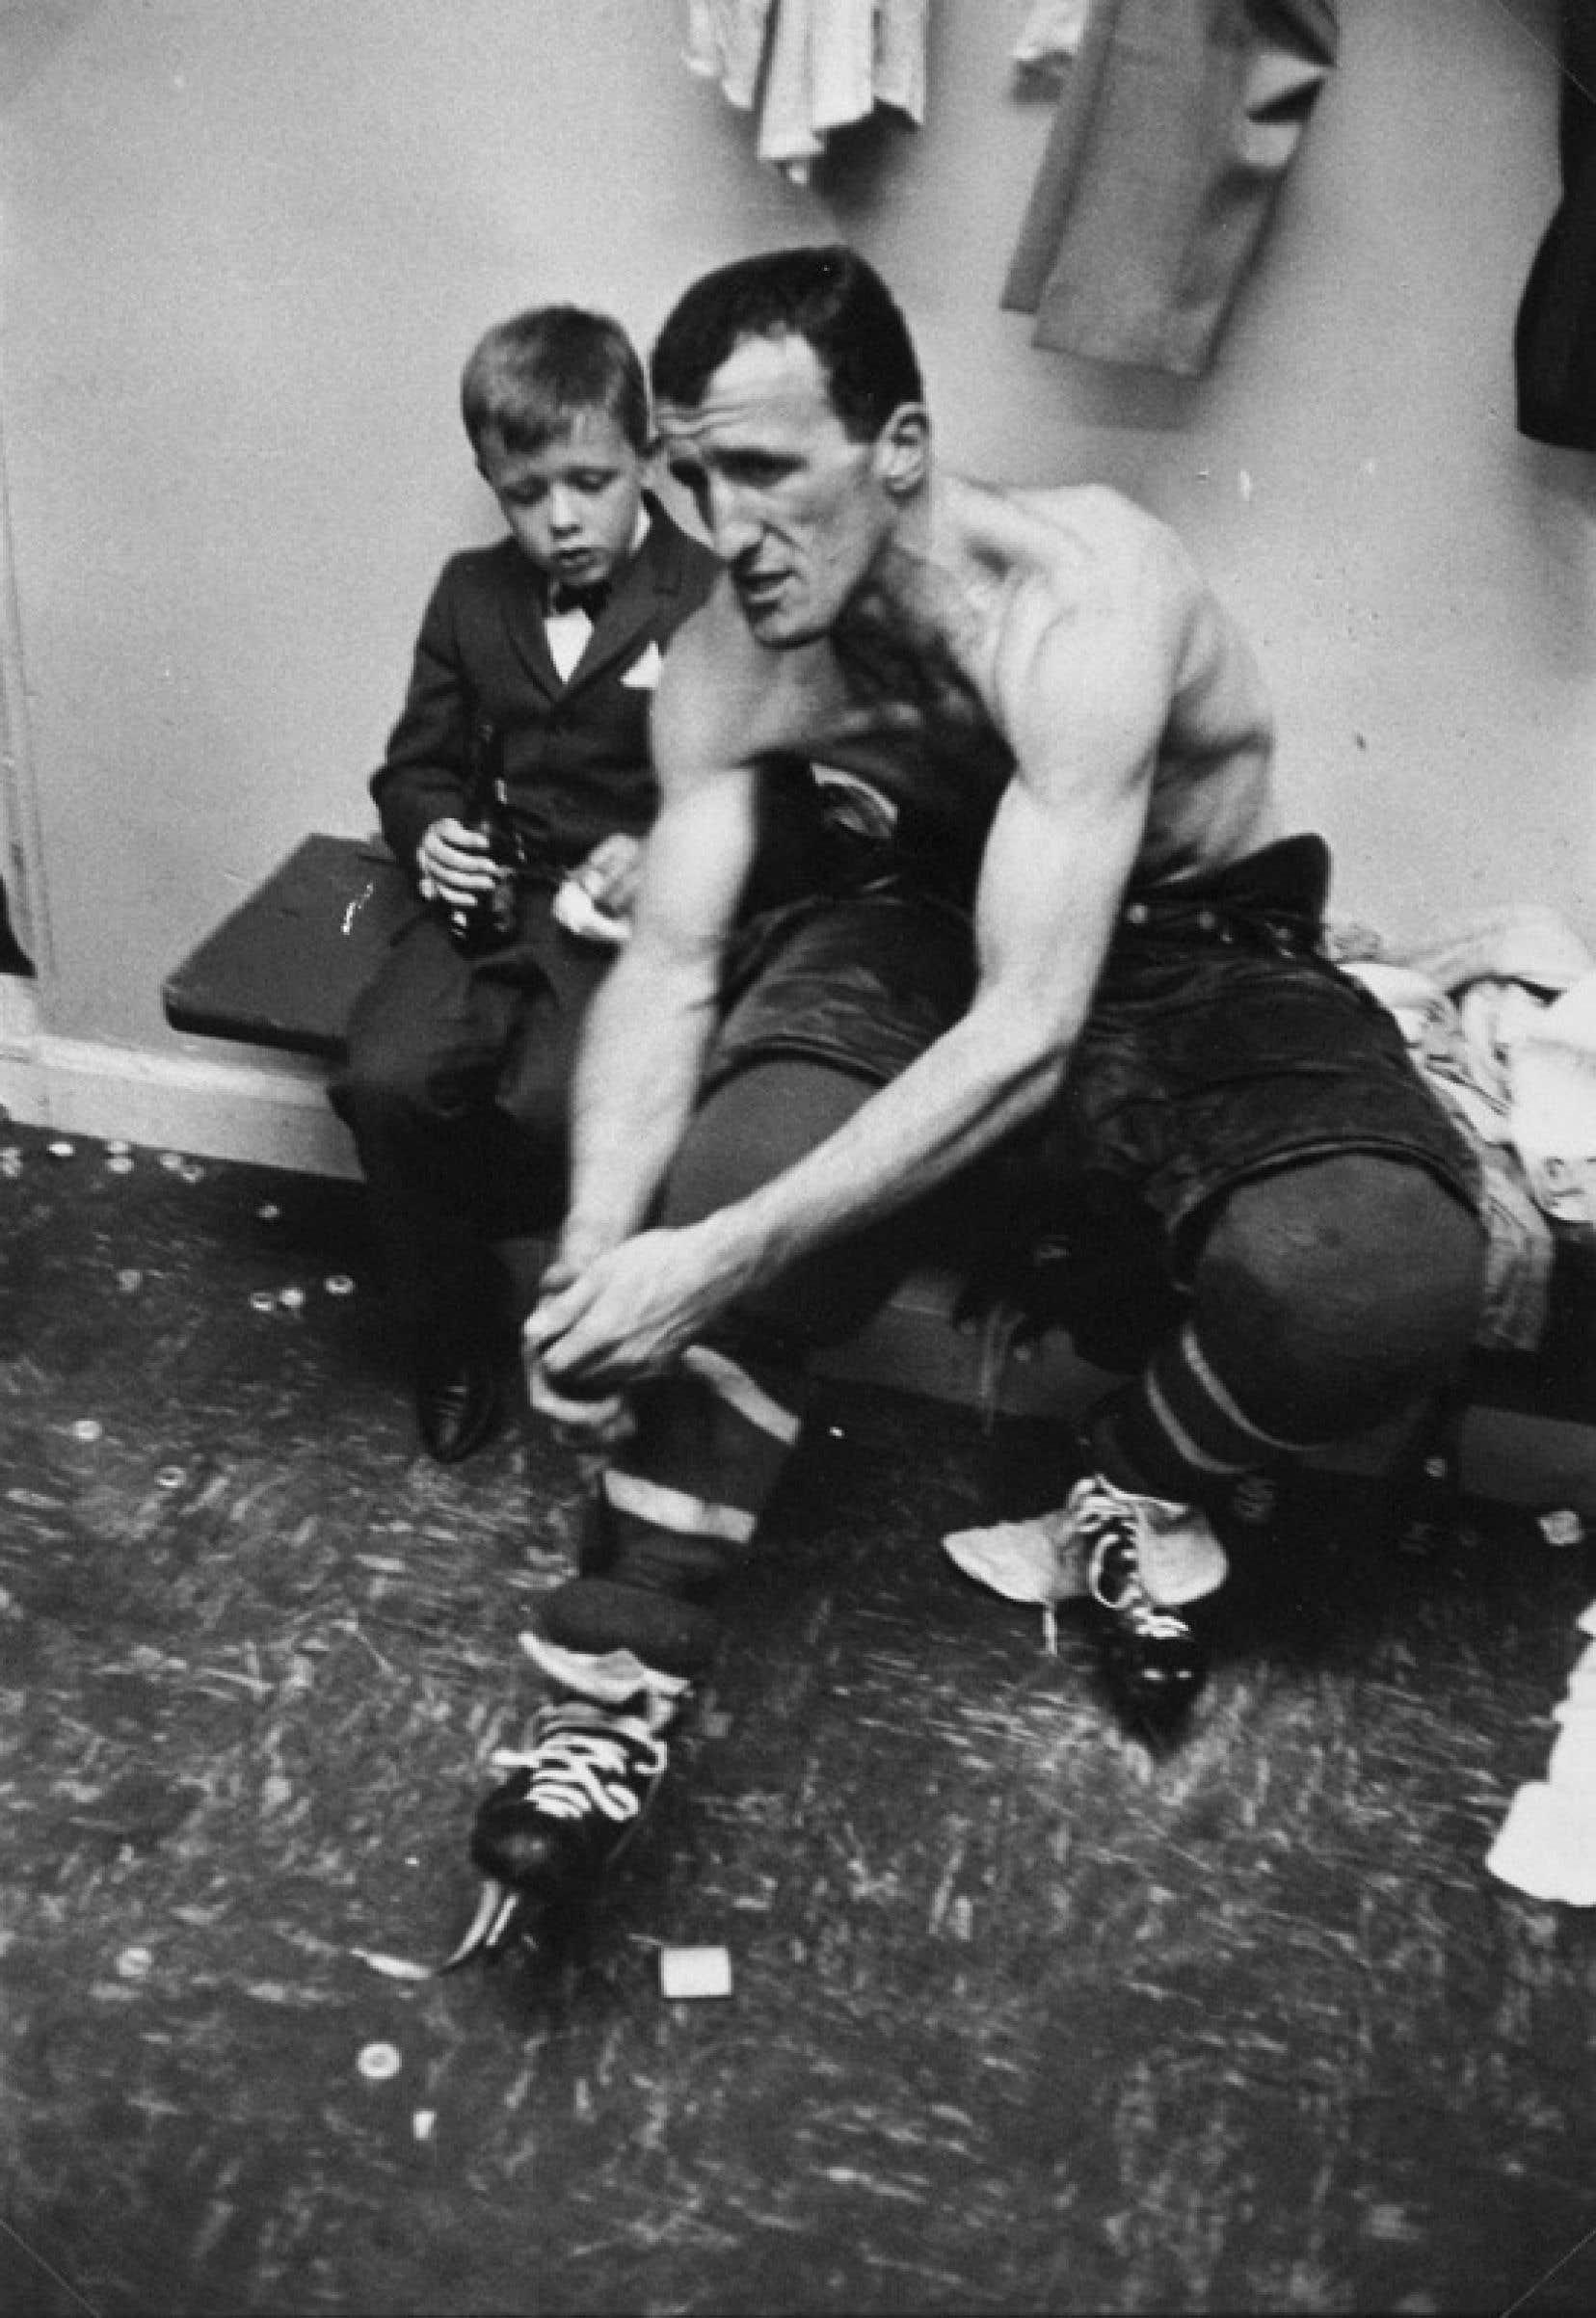 Le hockeyeur Claude Provost, numéro14 du Canadien de Montréal durant les années 1950-1960 et 1970, dans la lentille du photographe Henri Cartier-Bresson.